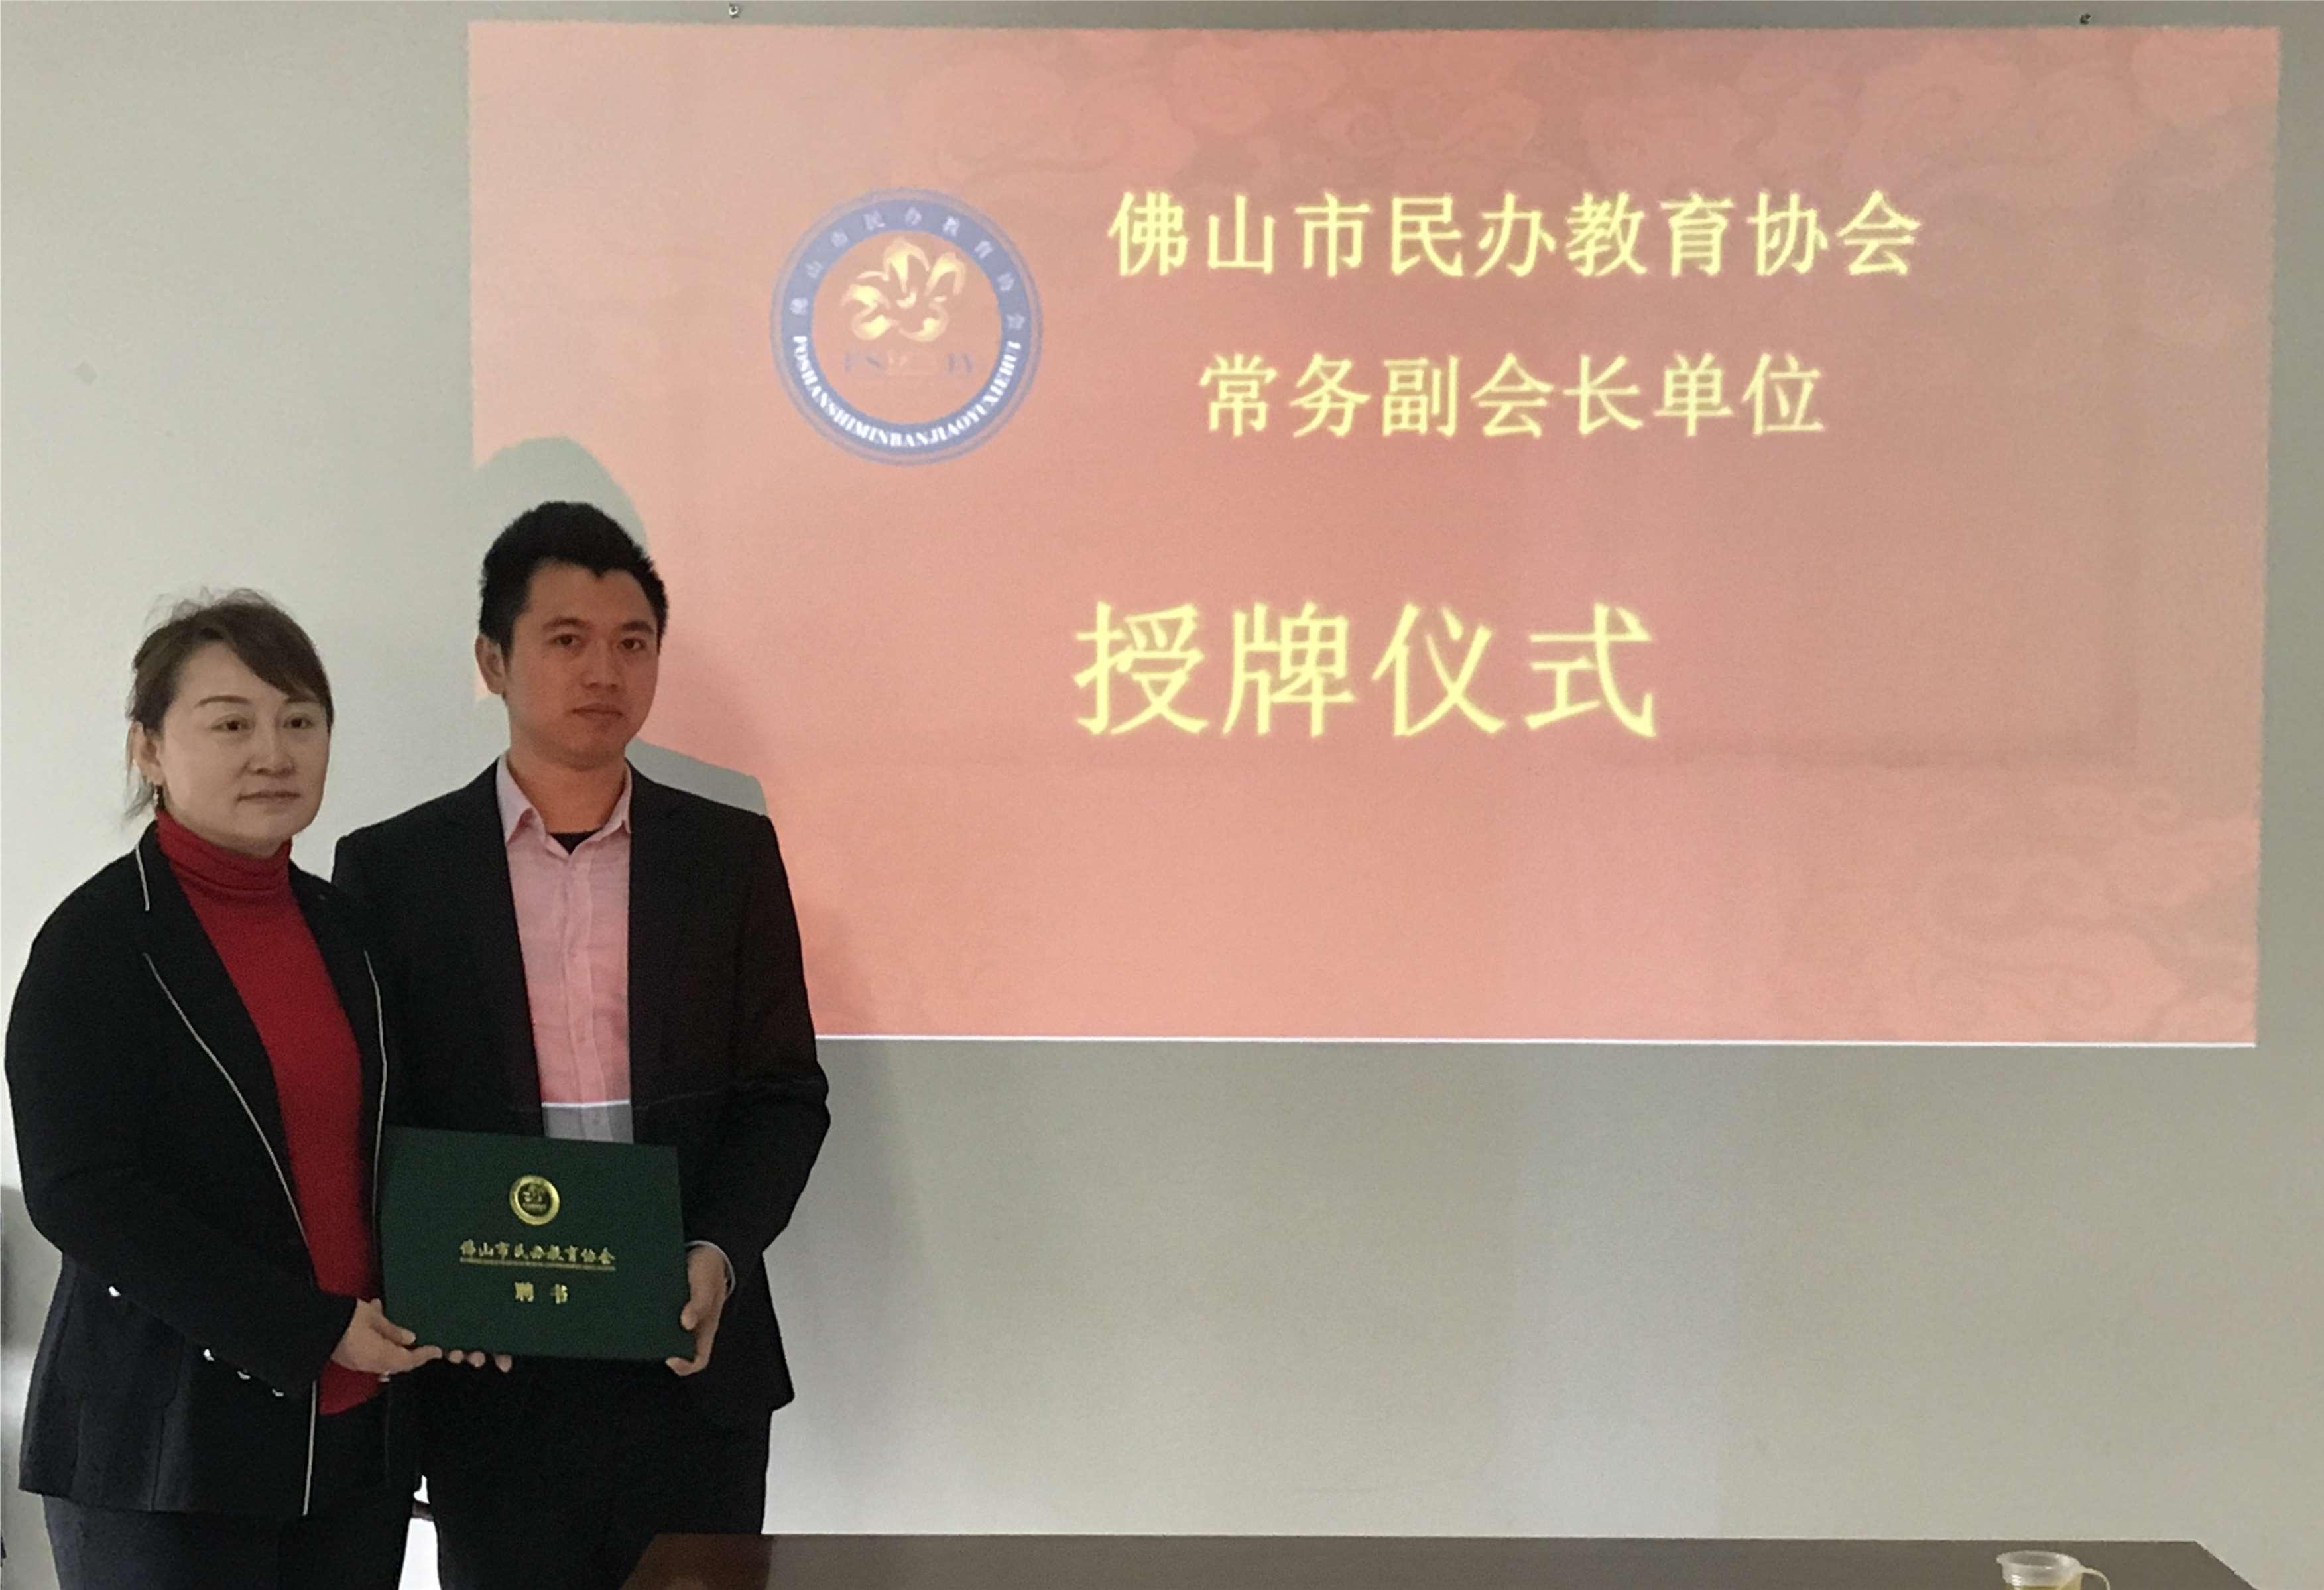 佛山民办教育协会王会长为学大教育佛分市场经理麦伟棠先生颁发聘书。